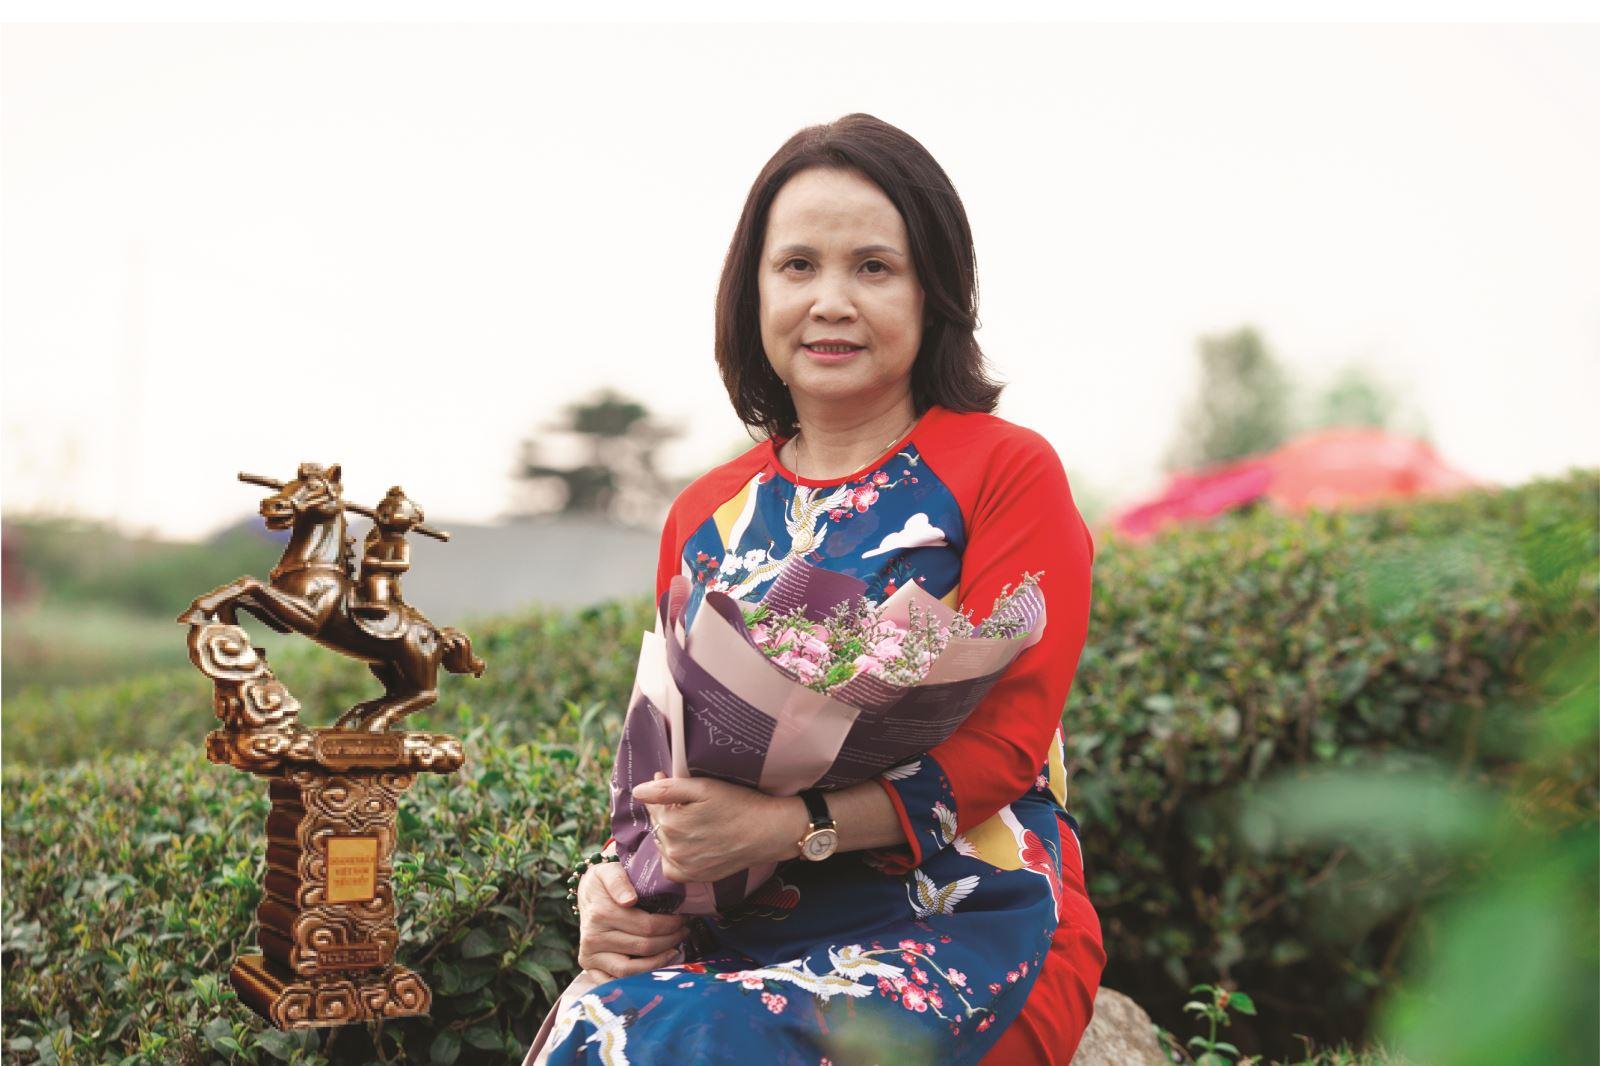 Chủ tịch HĐQT Bảo hiểm Hàng không (VNI) nhận danh hiệu Doanh nhân tiêu biểu 2019